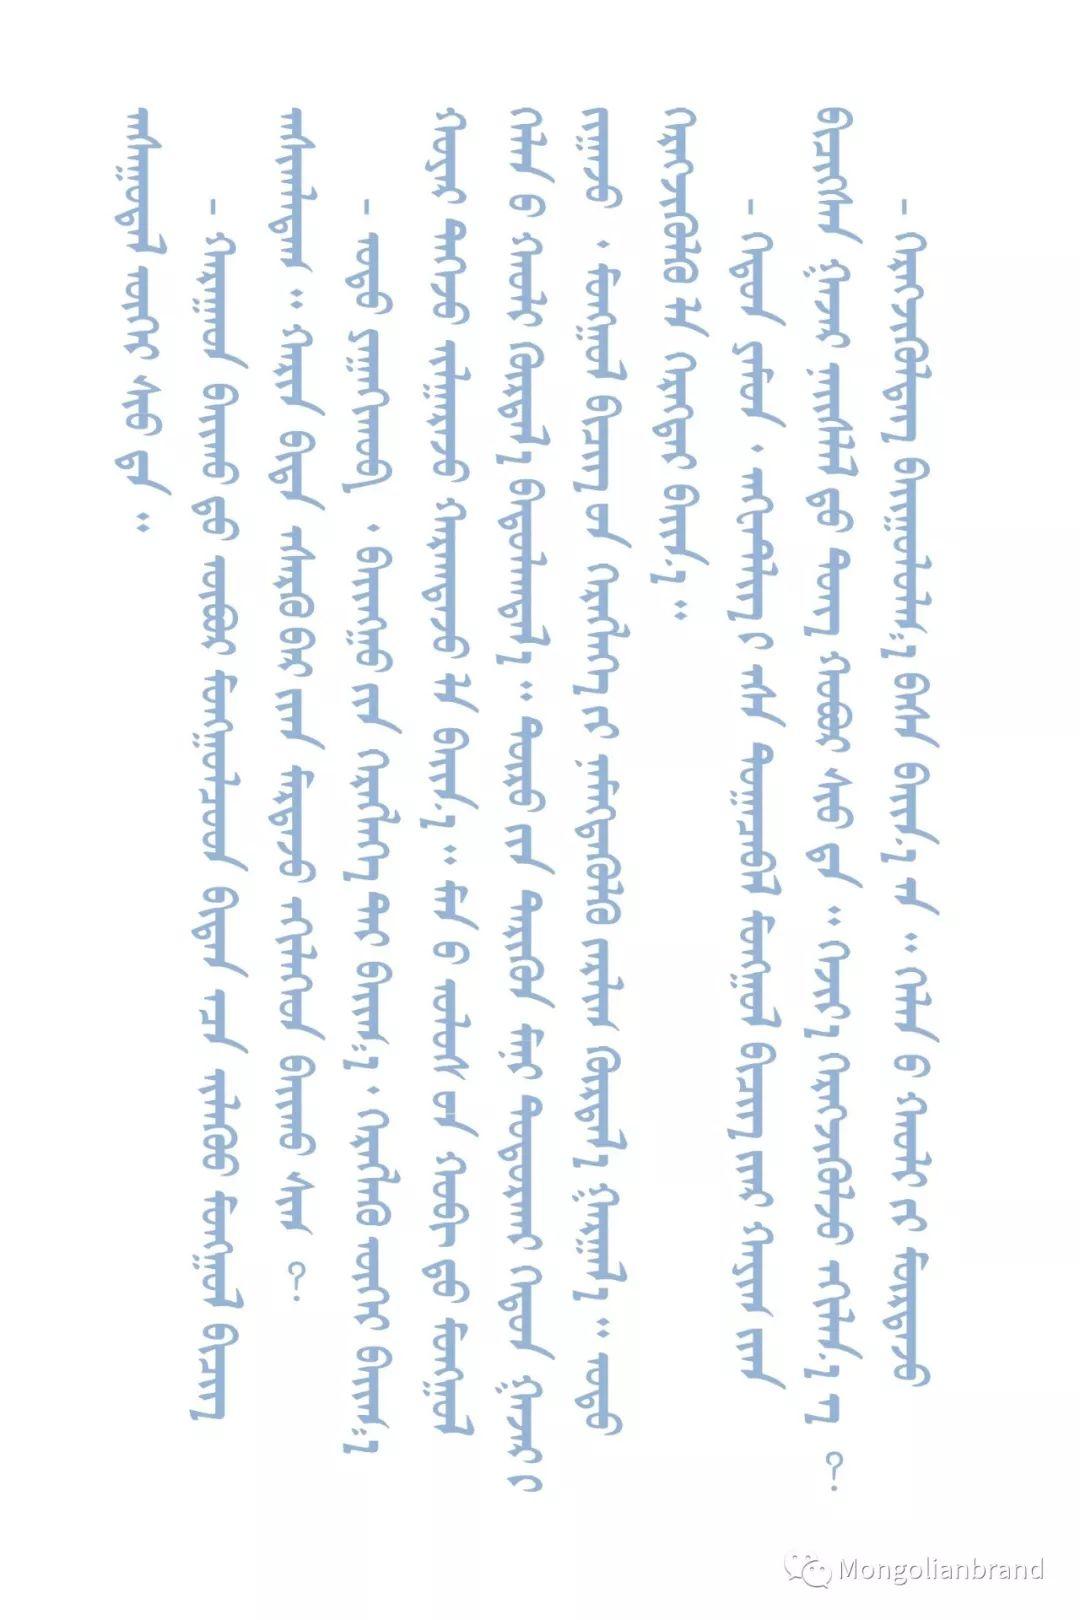 蒙古字体设计专家Jamiyansuren:让每个蒙古人掌握传统蒙古文是我们的终极目标 第16张 蒙古字体设计专家Jamiyansuren:让每个蒙古人掌握传统蒙古文是我们的终极目标 蒙古文化